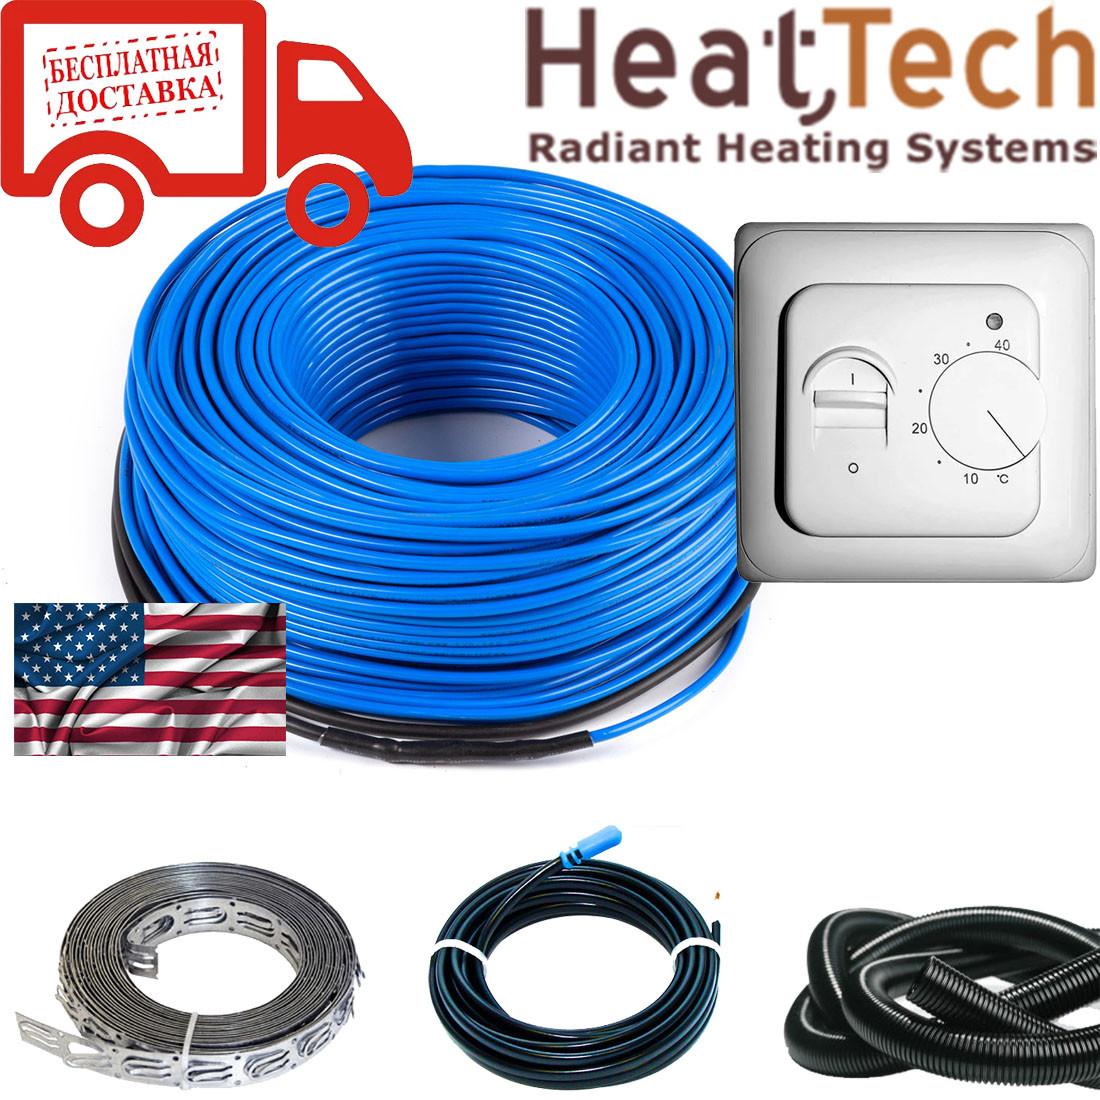 Нагревательный кабель для теплого пола HeatTech (США) HTCBL 600 Вт 30м. Комплект с терморегулятором